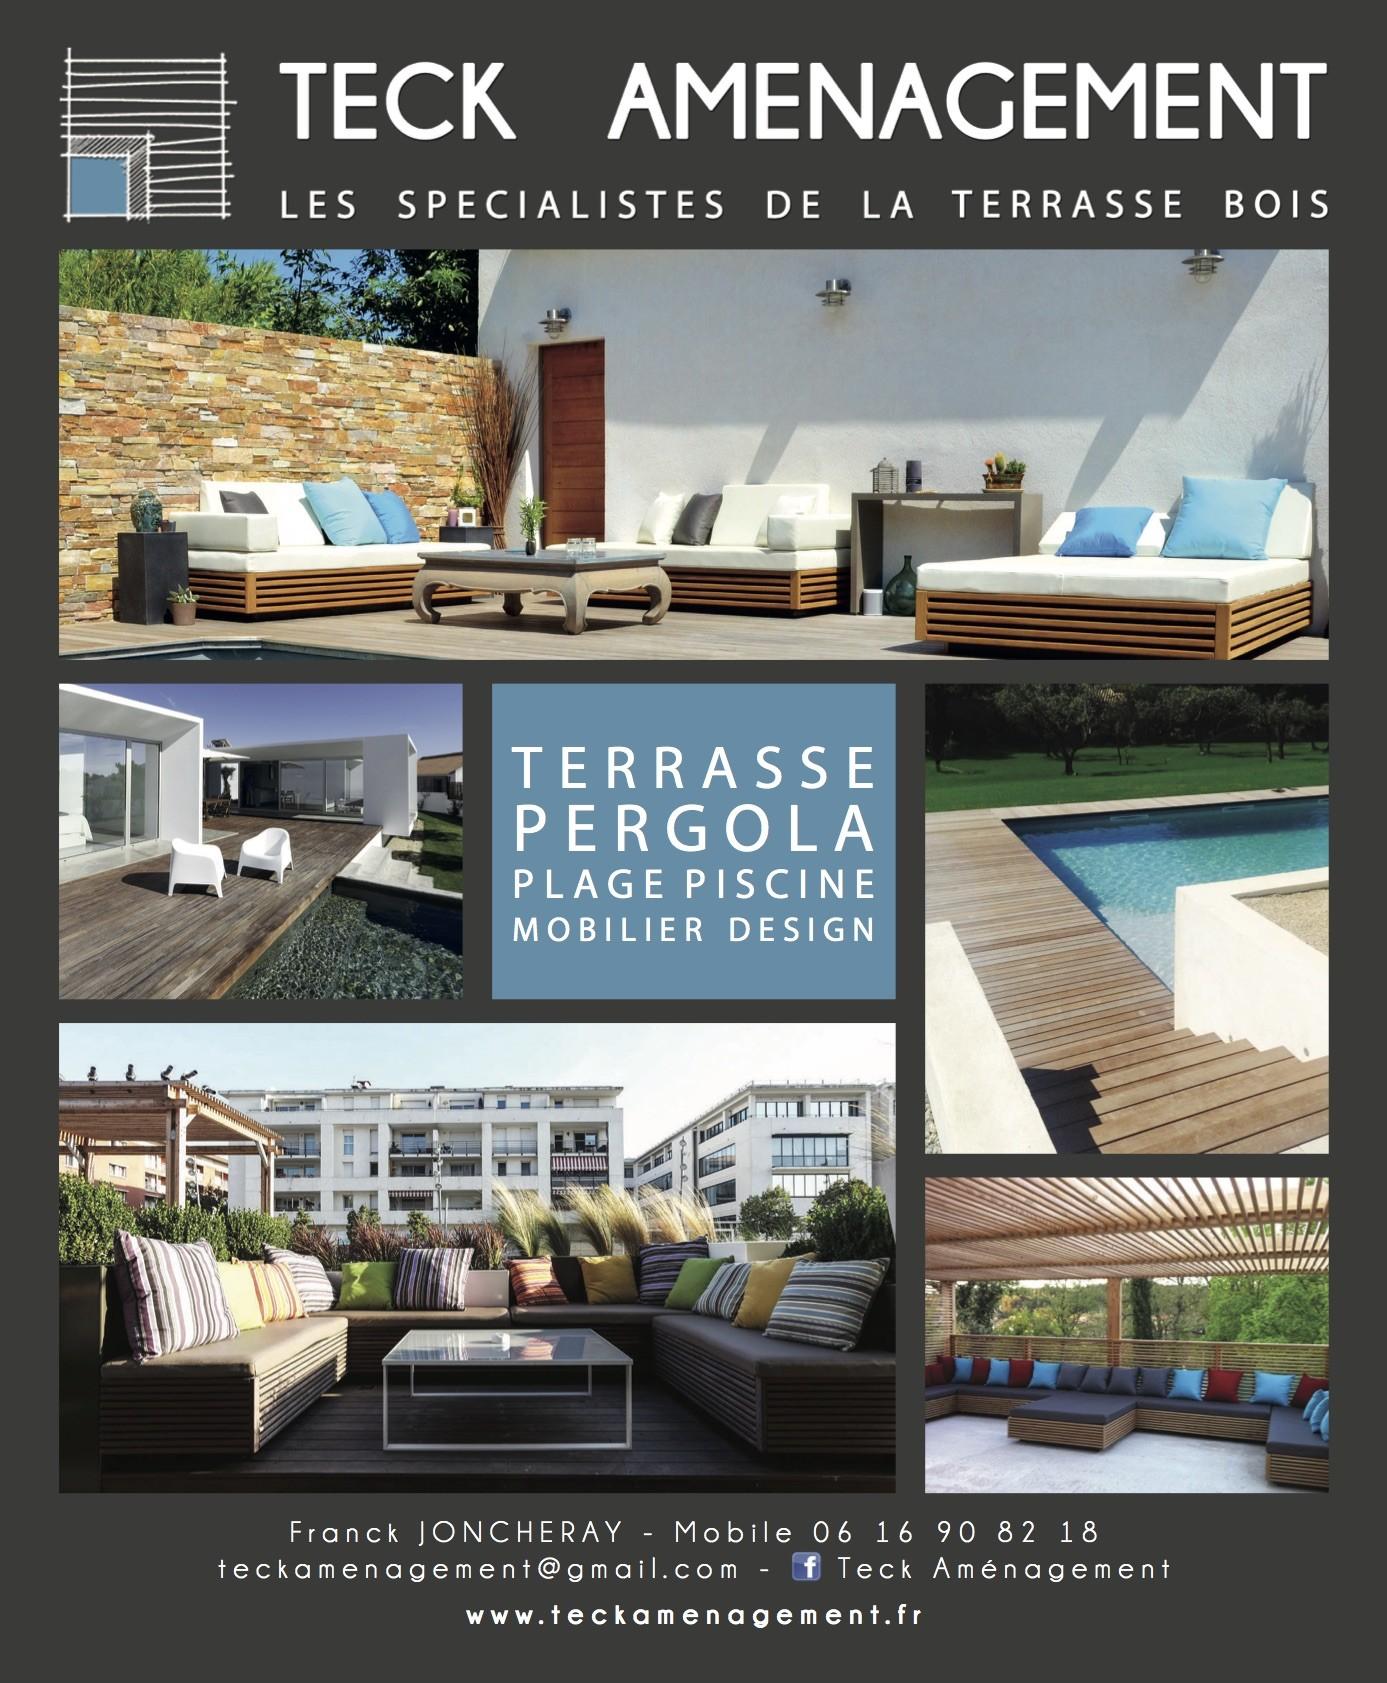 Hors s rie architecture bois am nagement de terrasse en bois aix en provence teck amenagement - Terrasse piscine hors terre aixen provence ...